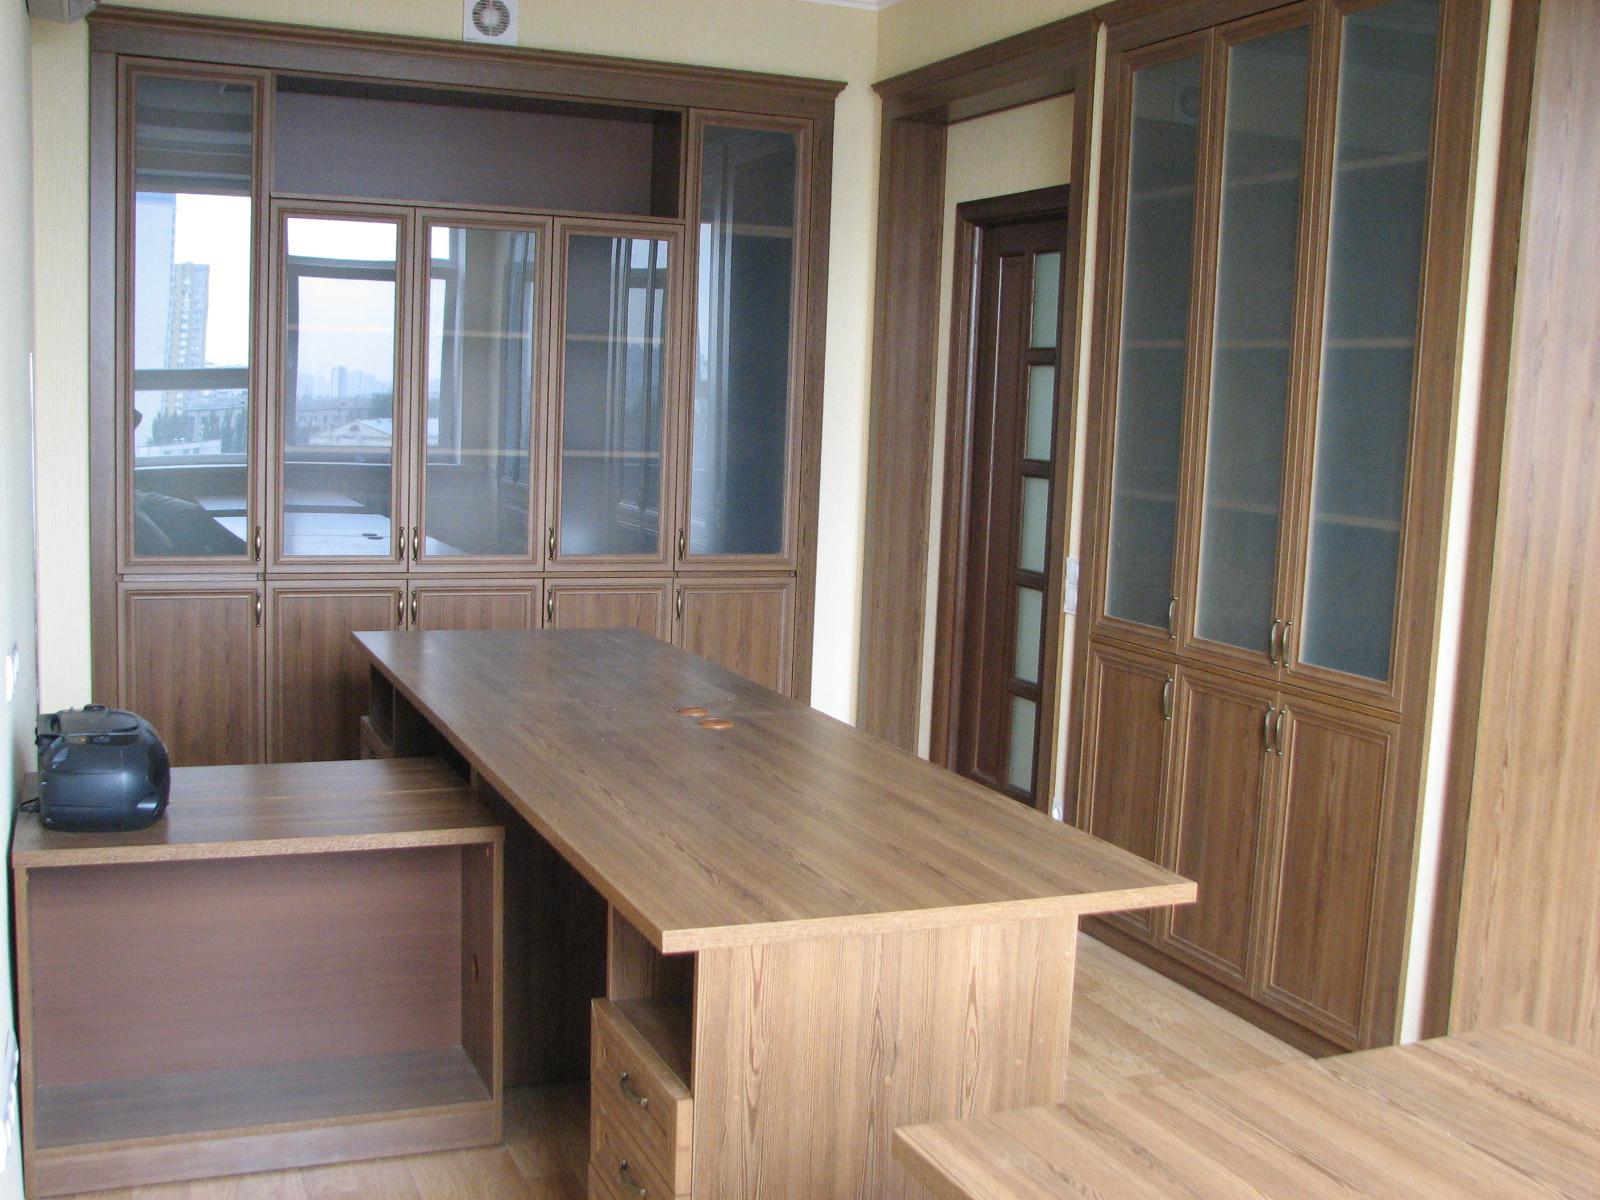 Фото Офис в классическом стиле. 5 комнат за 2 месяца.